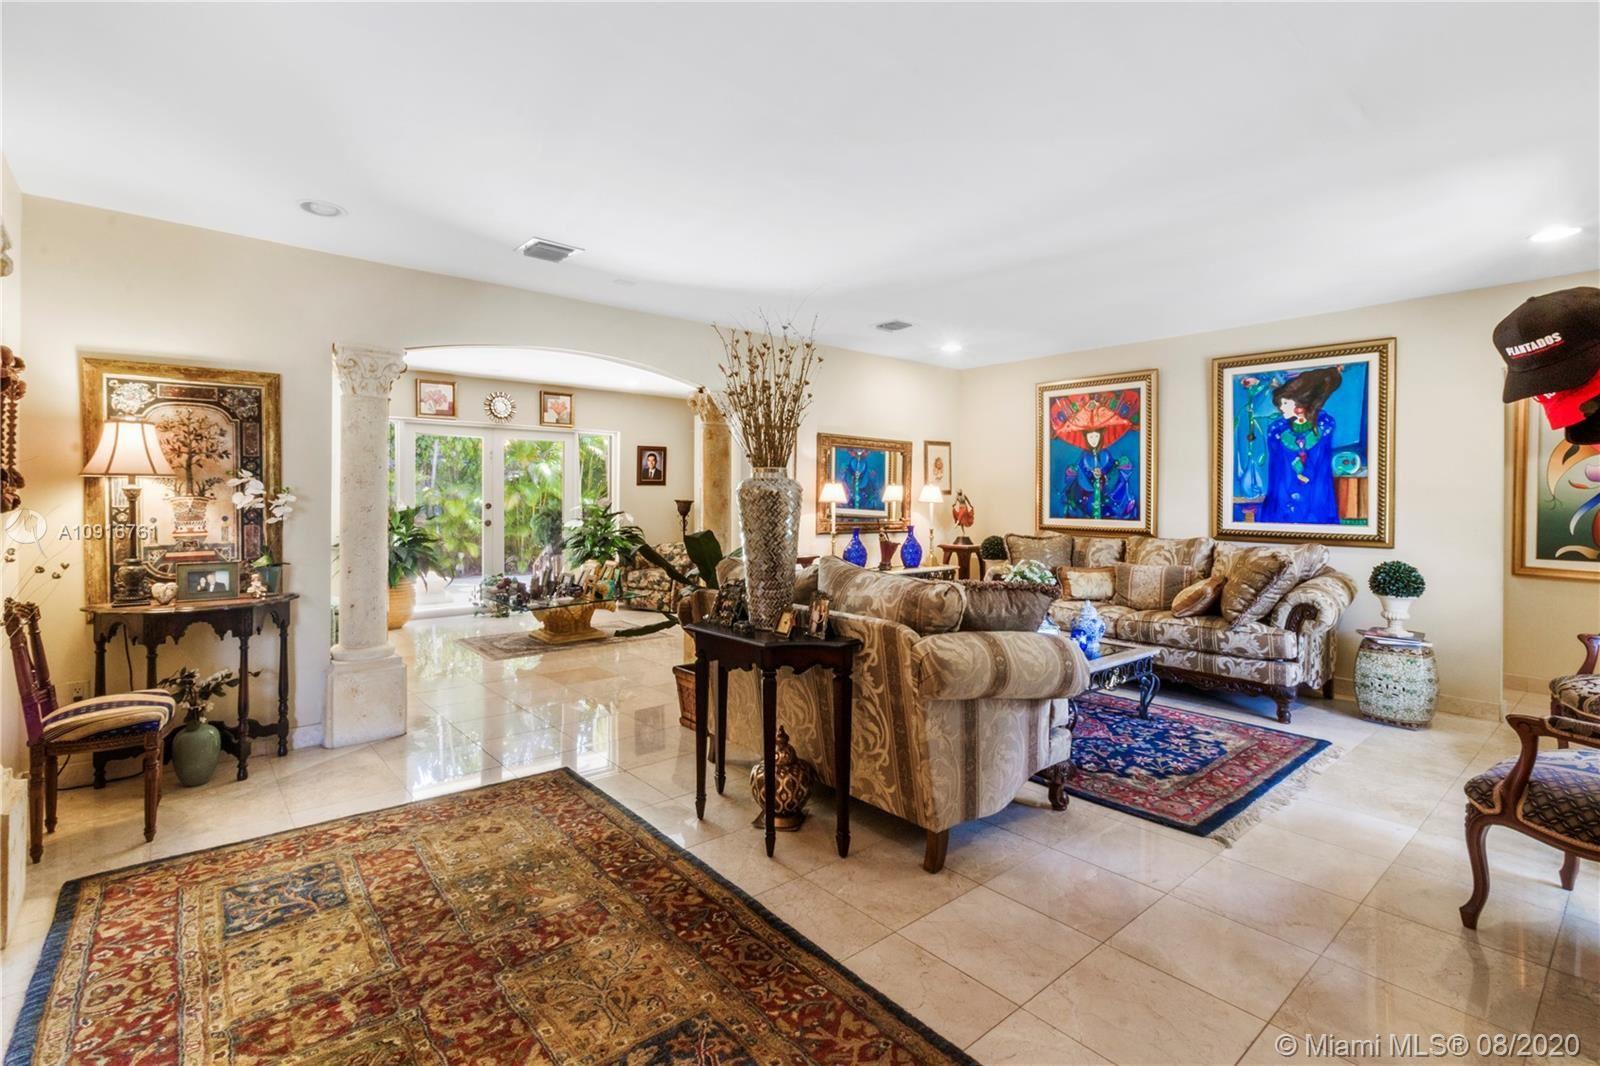 4511 Alhambra Cir, Coral Gables, FL 33146 - #: A10916761